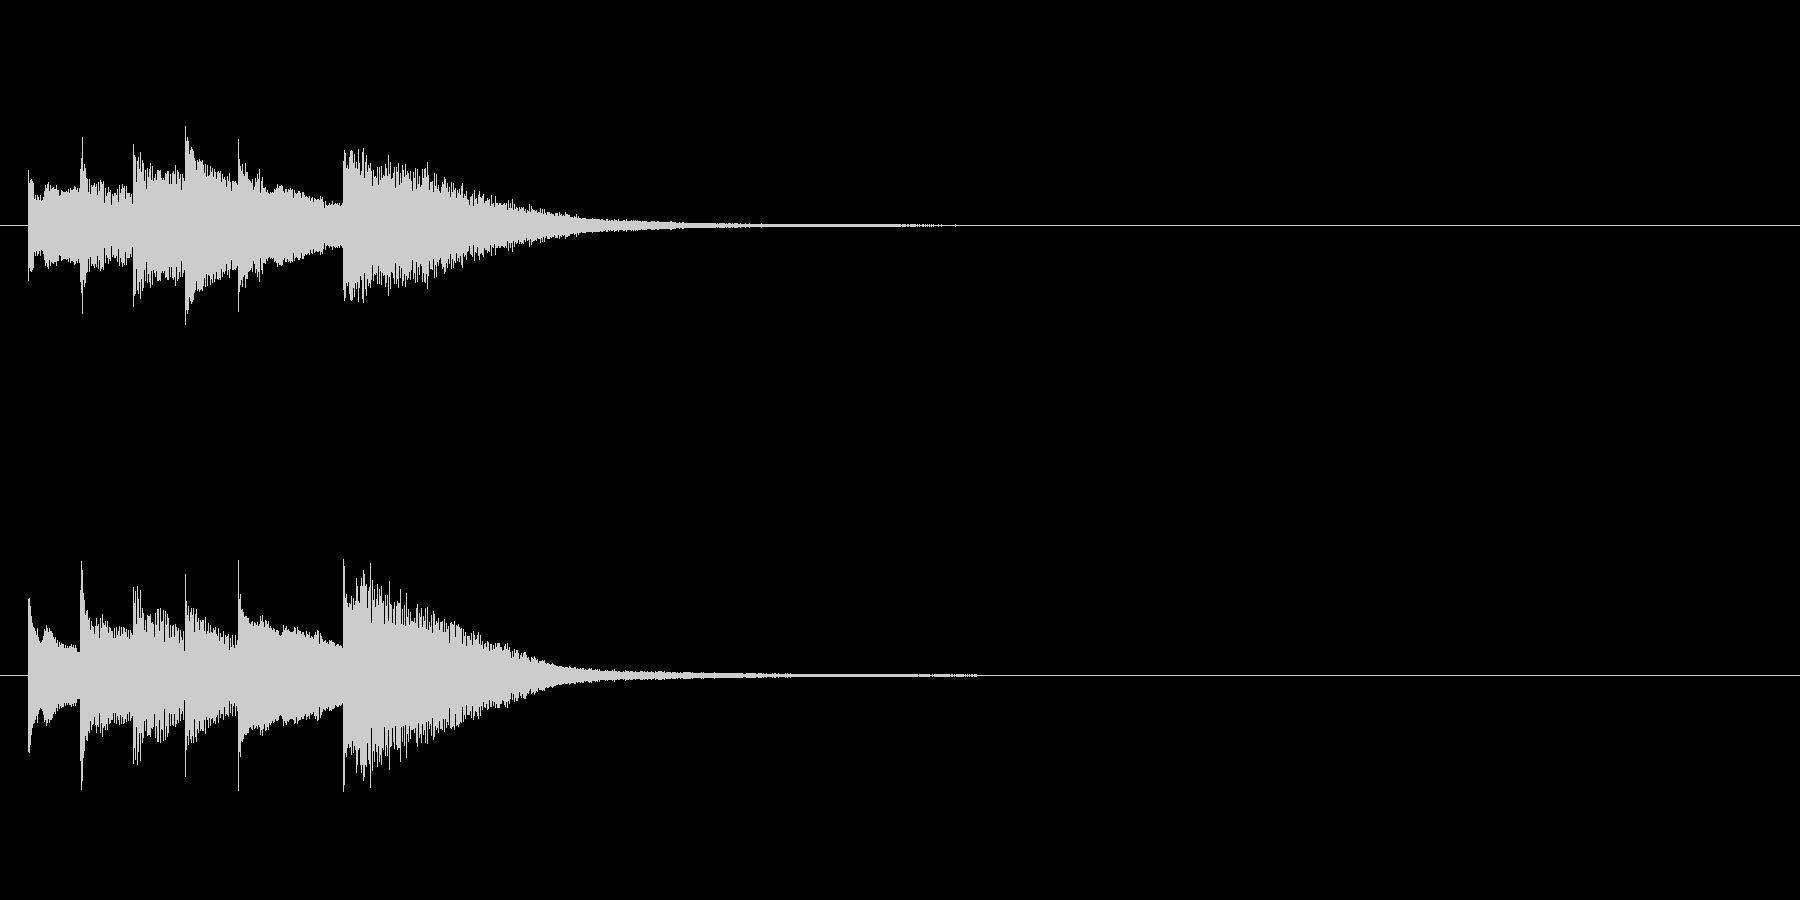 キラキラ音の着信音フレーズの未再生の波形